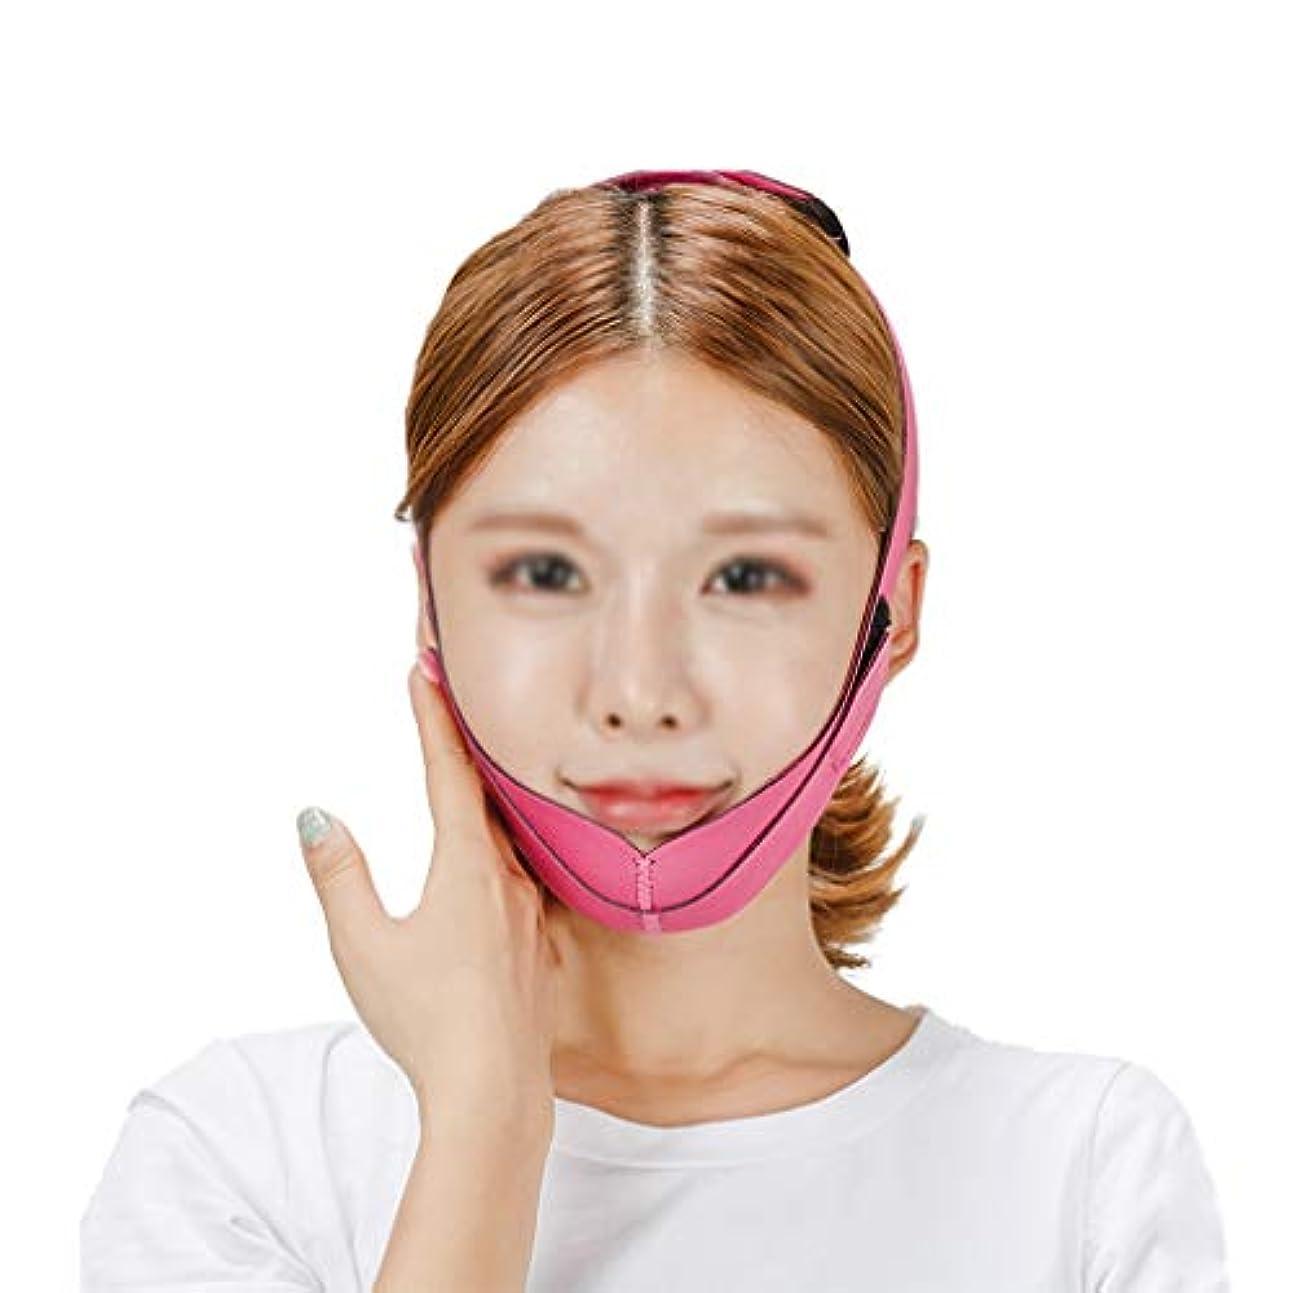 縮れたアーカイブ喪XHLMRMJ 超薄Vフェイスライン、フェイスリフティングマスク、Vフェイスリフティングとリフティングファーミングパターン、シェイピングフェイス、改善ダブルチン、ピンク、女性に適しています